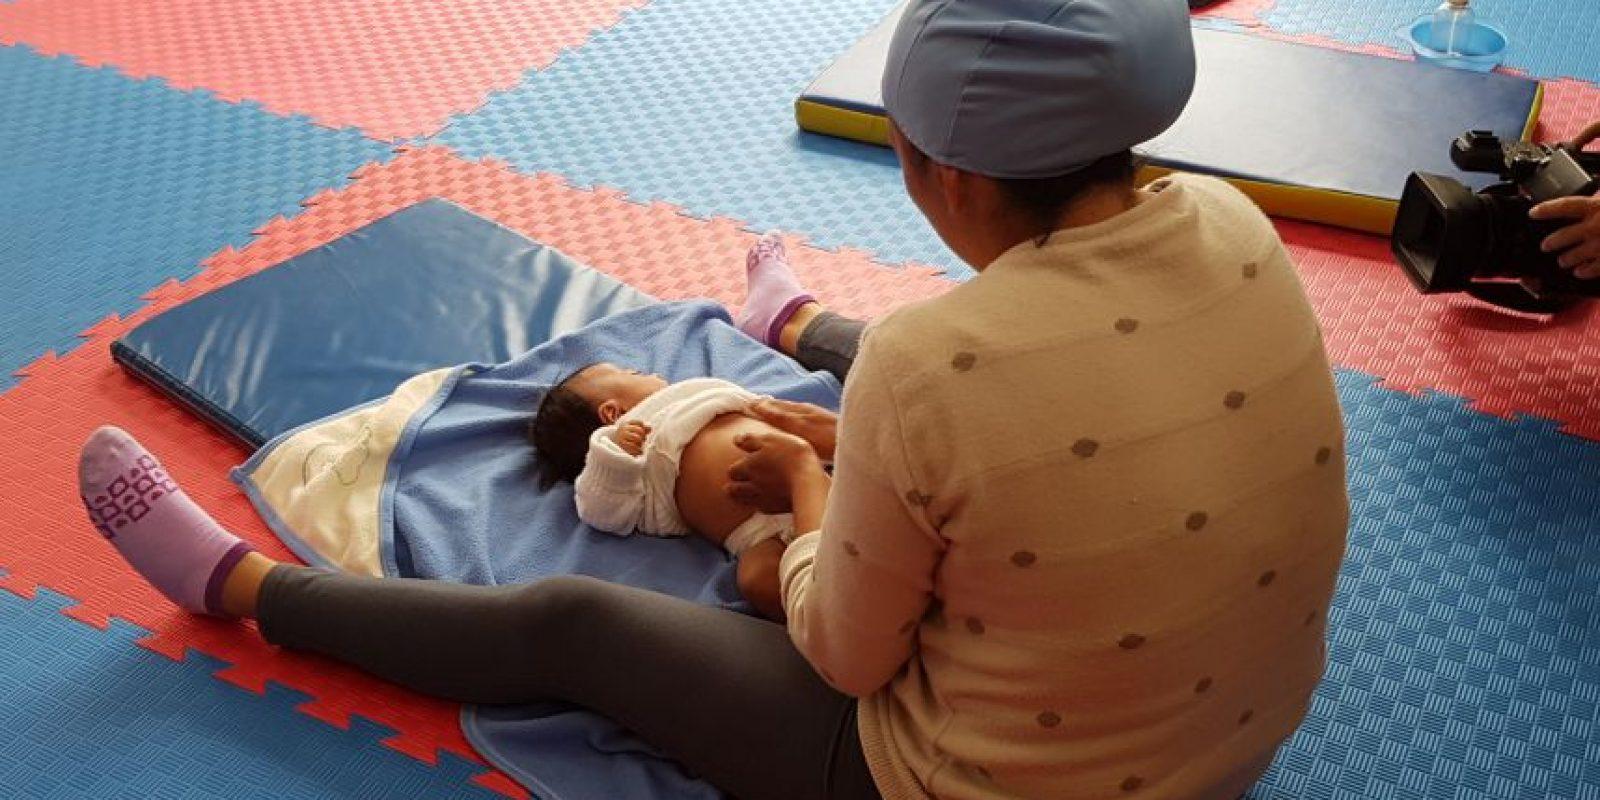 Terapias que se realizan en el Centro Terapéutico Aprendiendo a Vivir Foto:Andrea Martínez. Imagen Por: